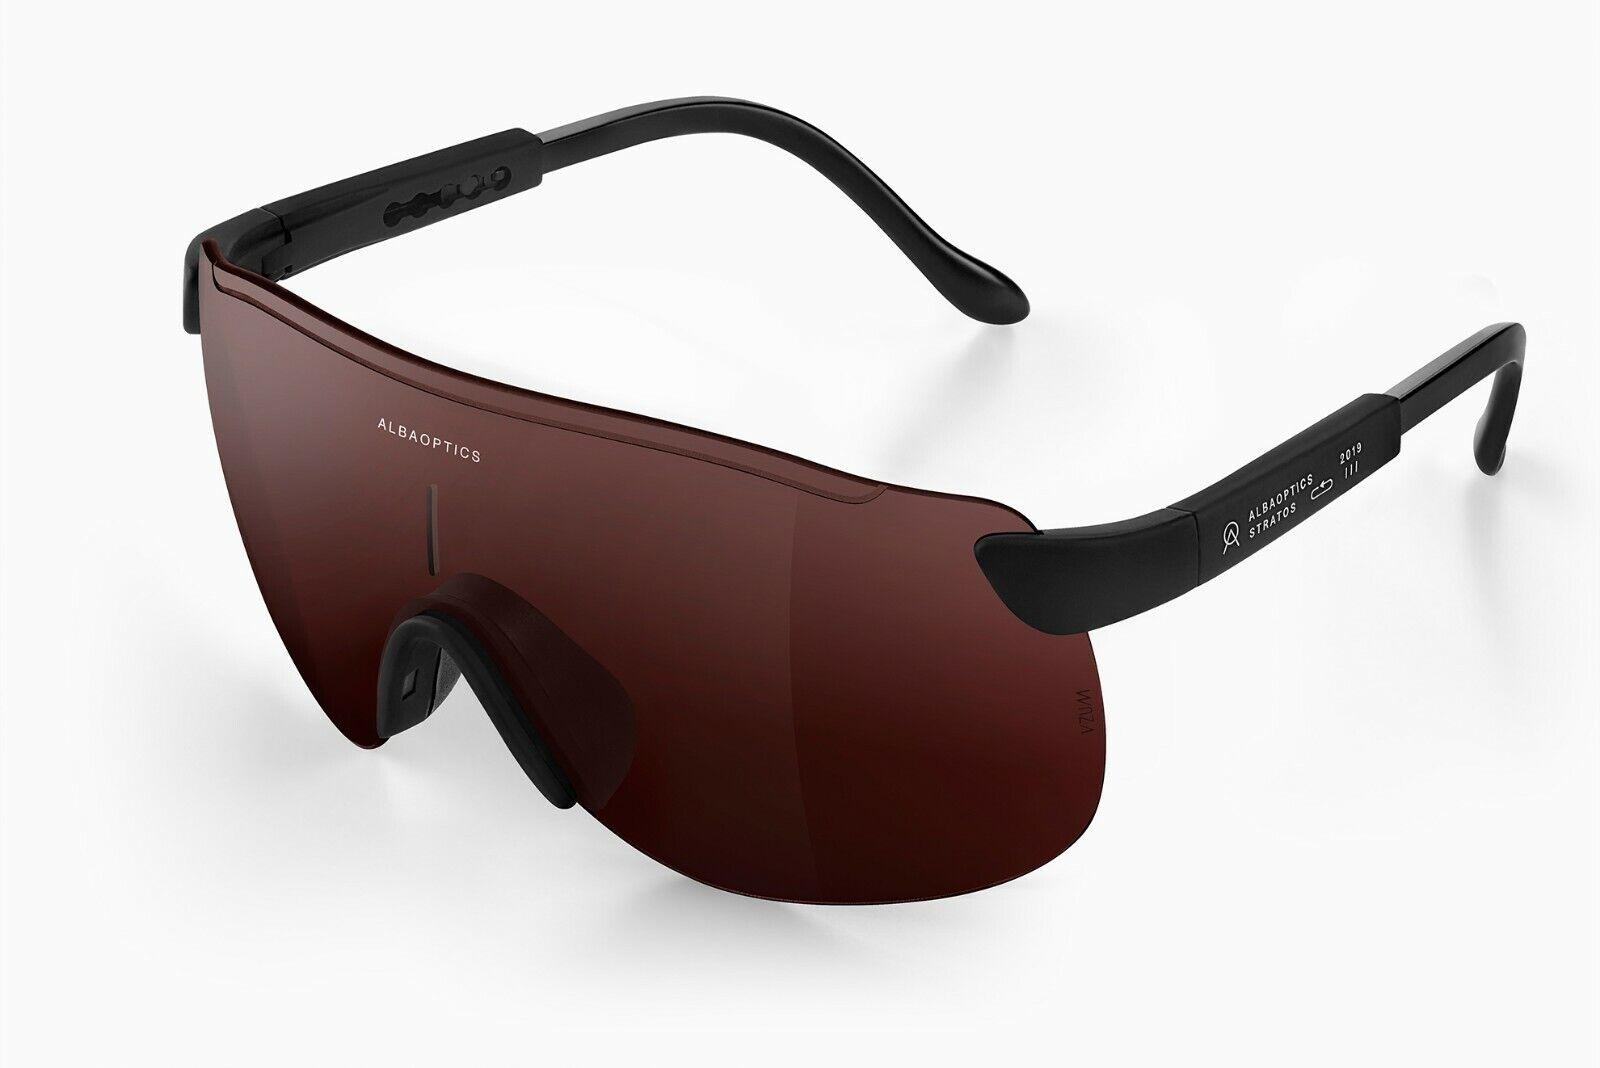 ALBA OPTICS STRATOS BLK VZUM™ POU FLY Sunglasses